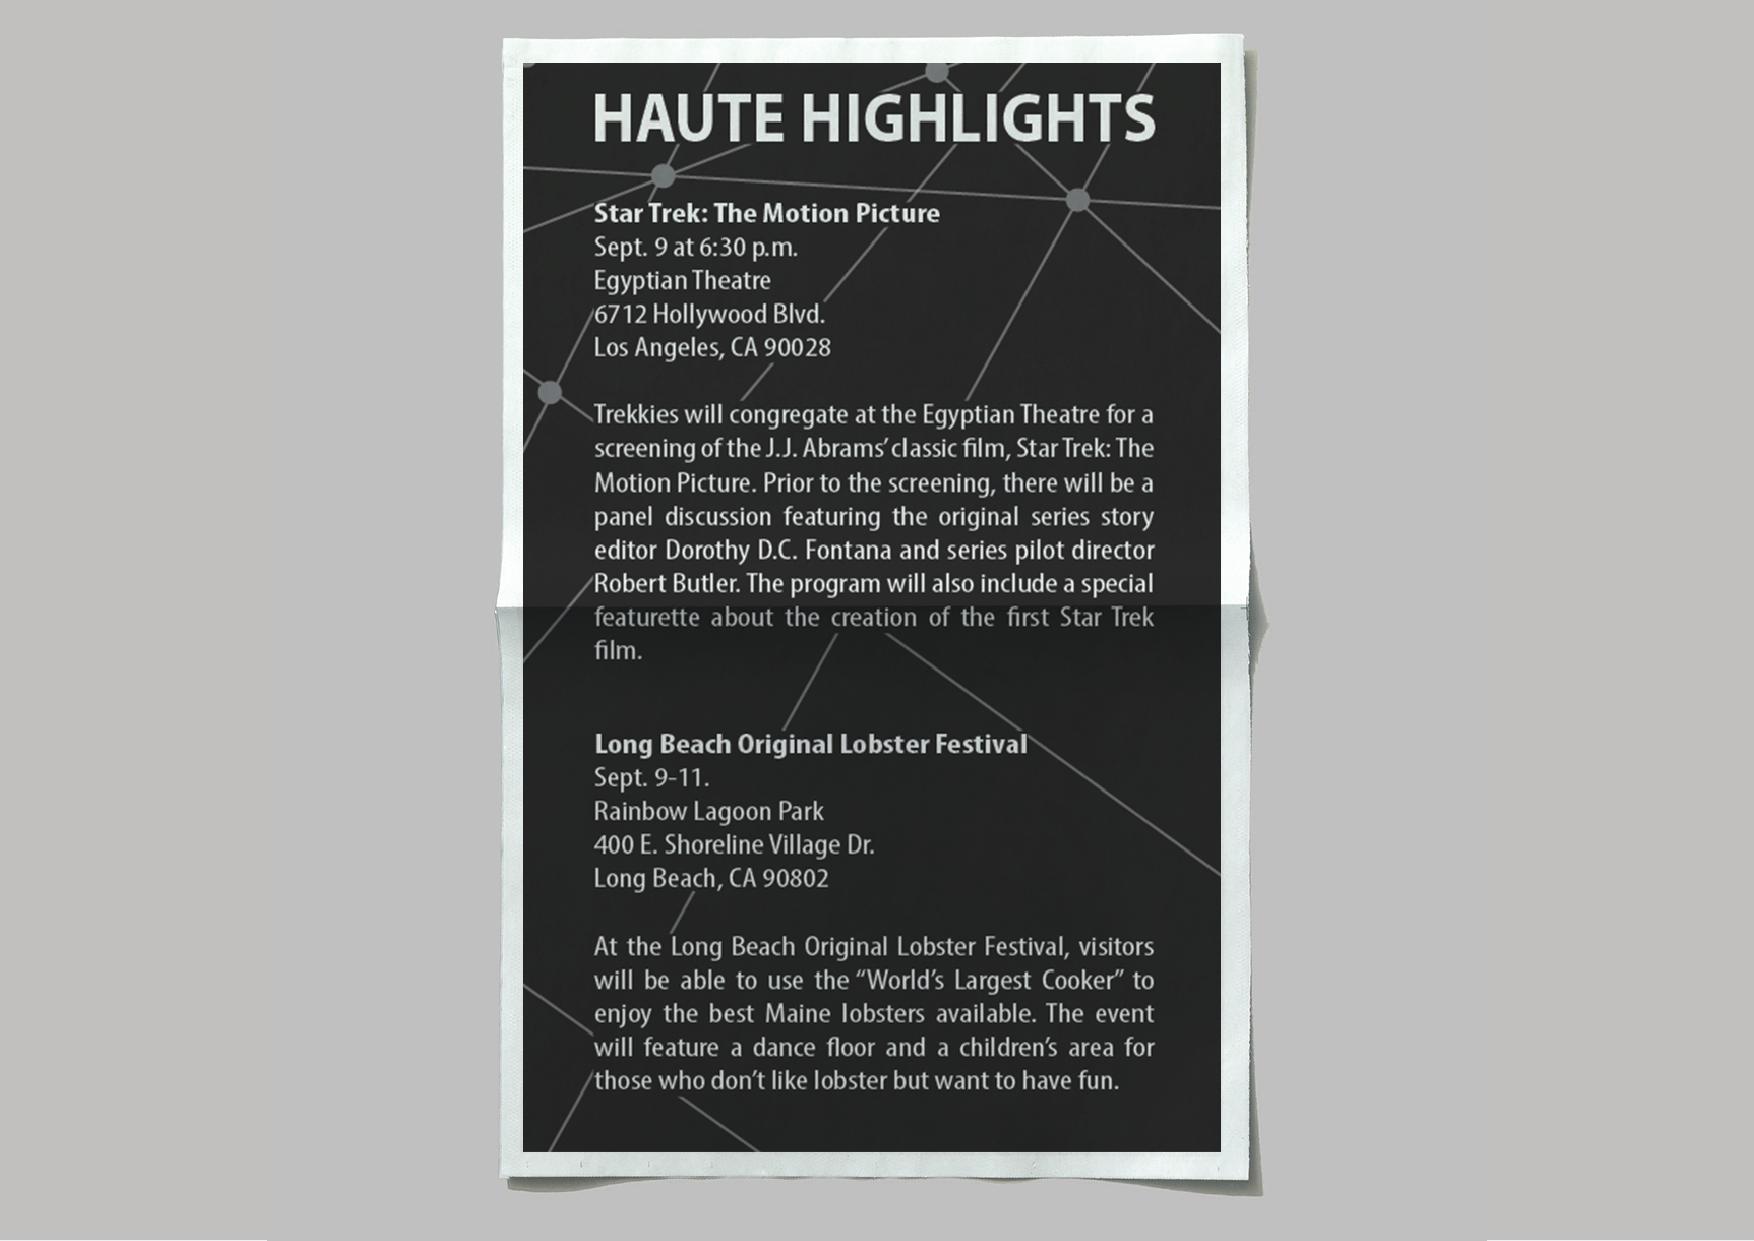 hautehighlight-01.png